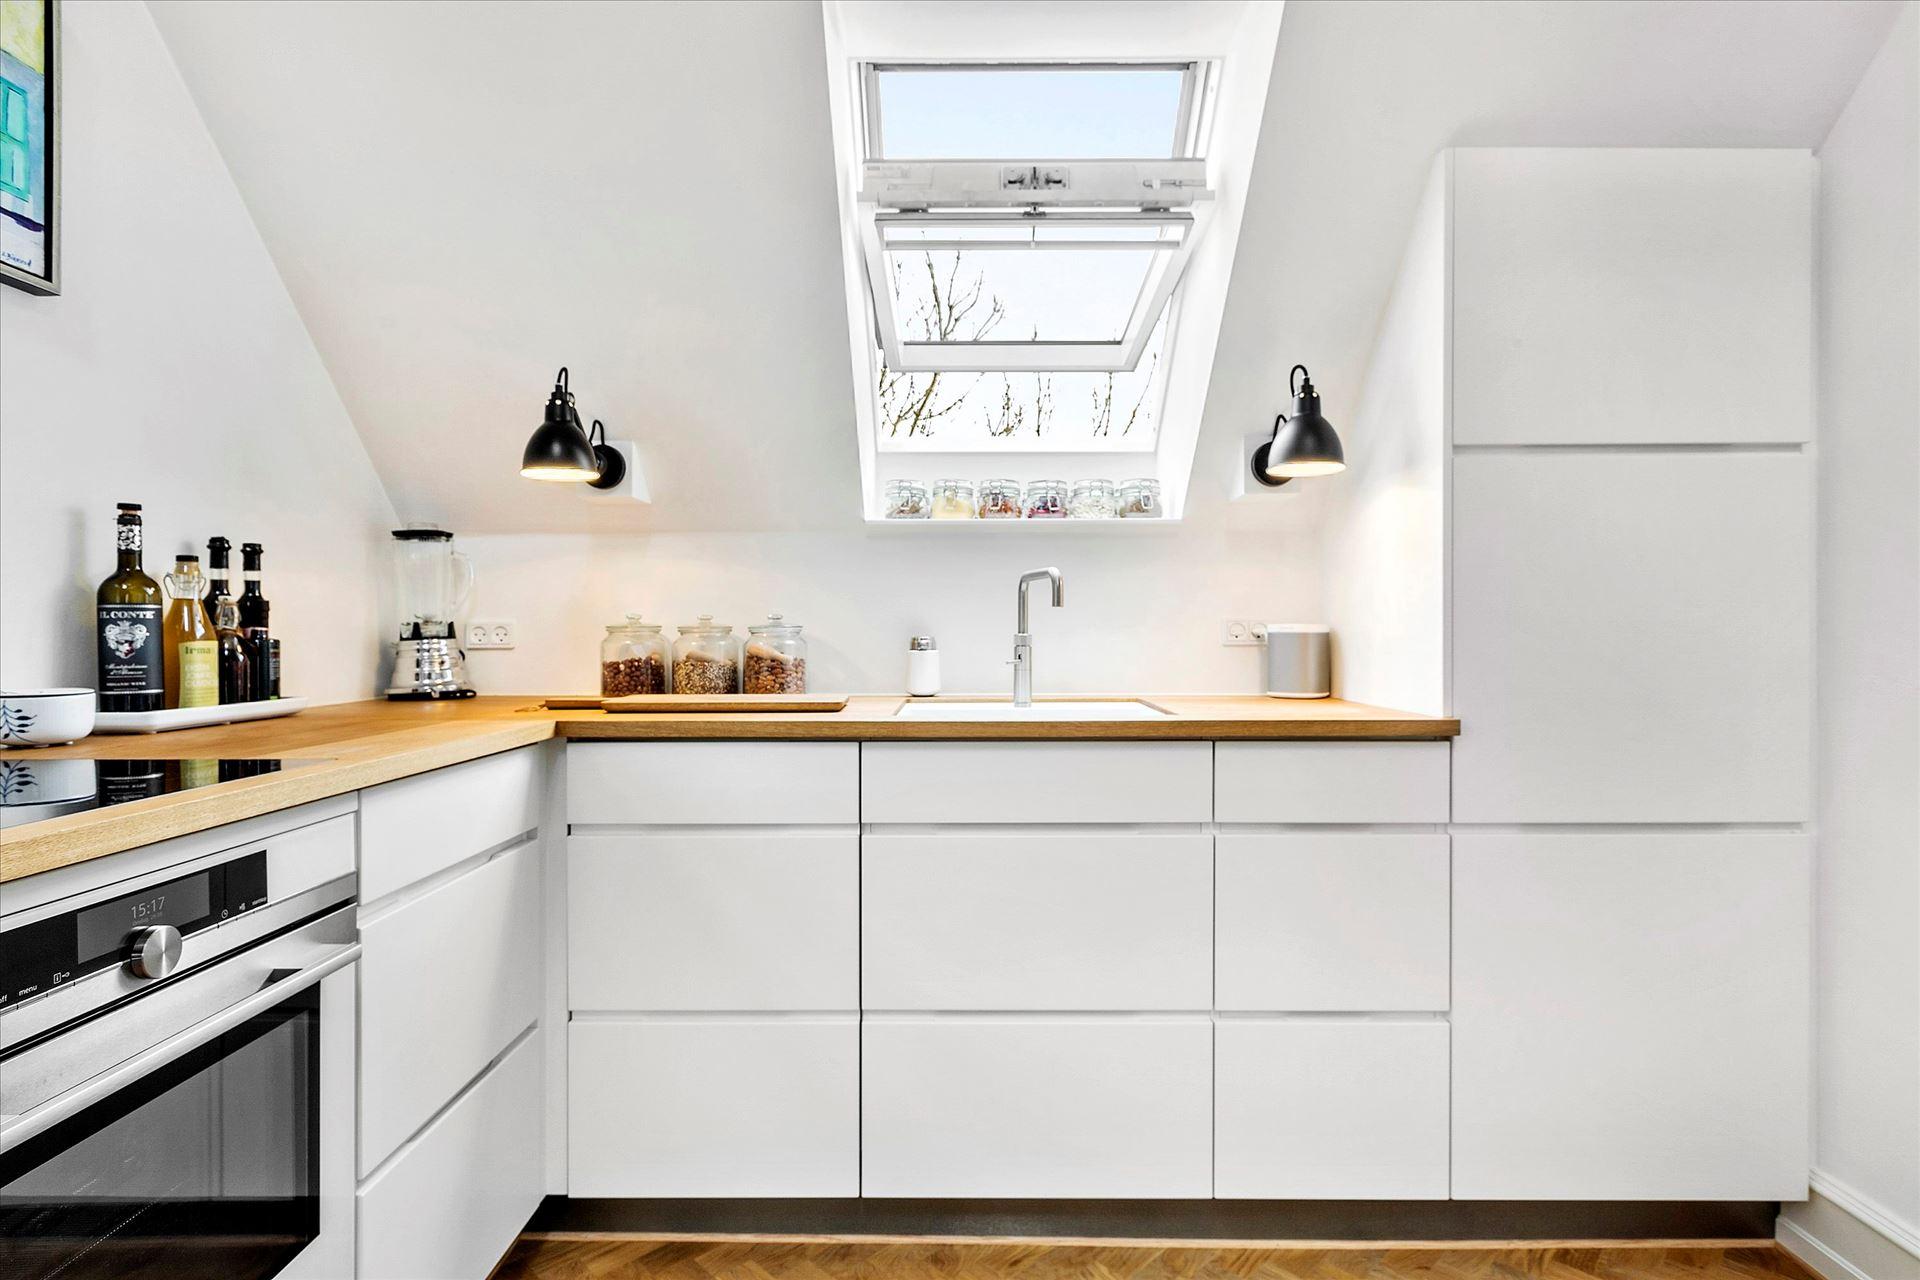 Cocina n rdica bajo techo inclinado y vigas de madera for Cocinas diferentes